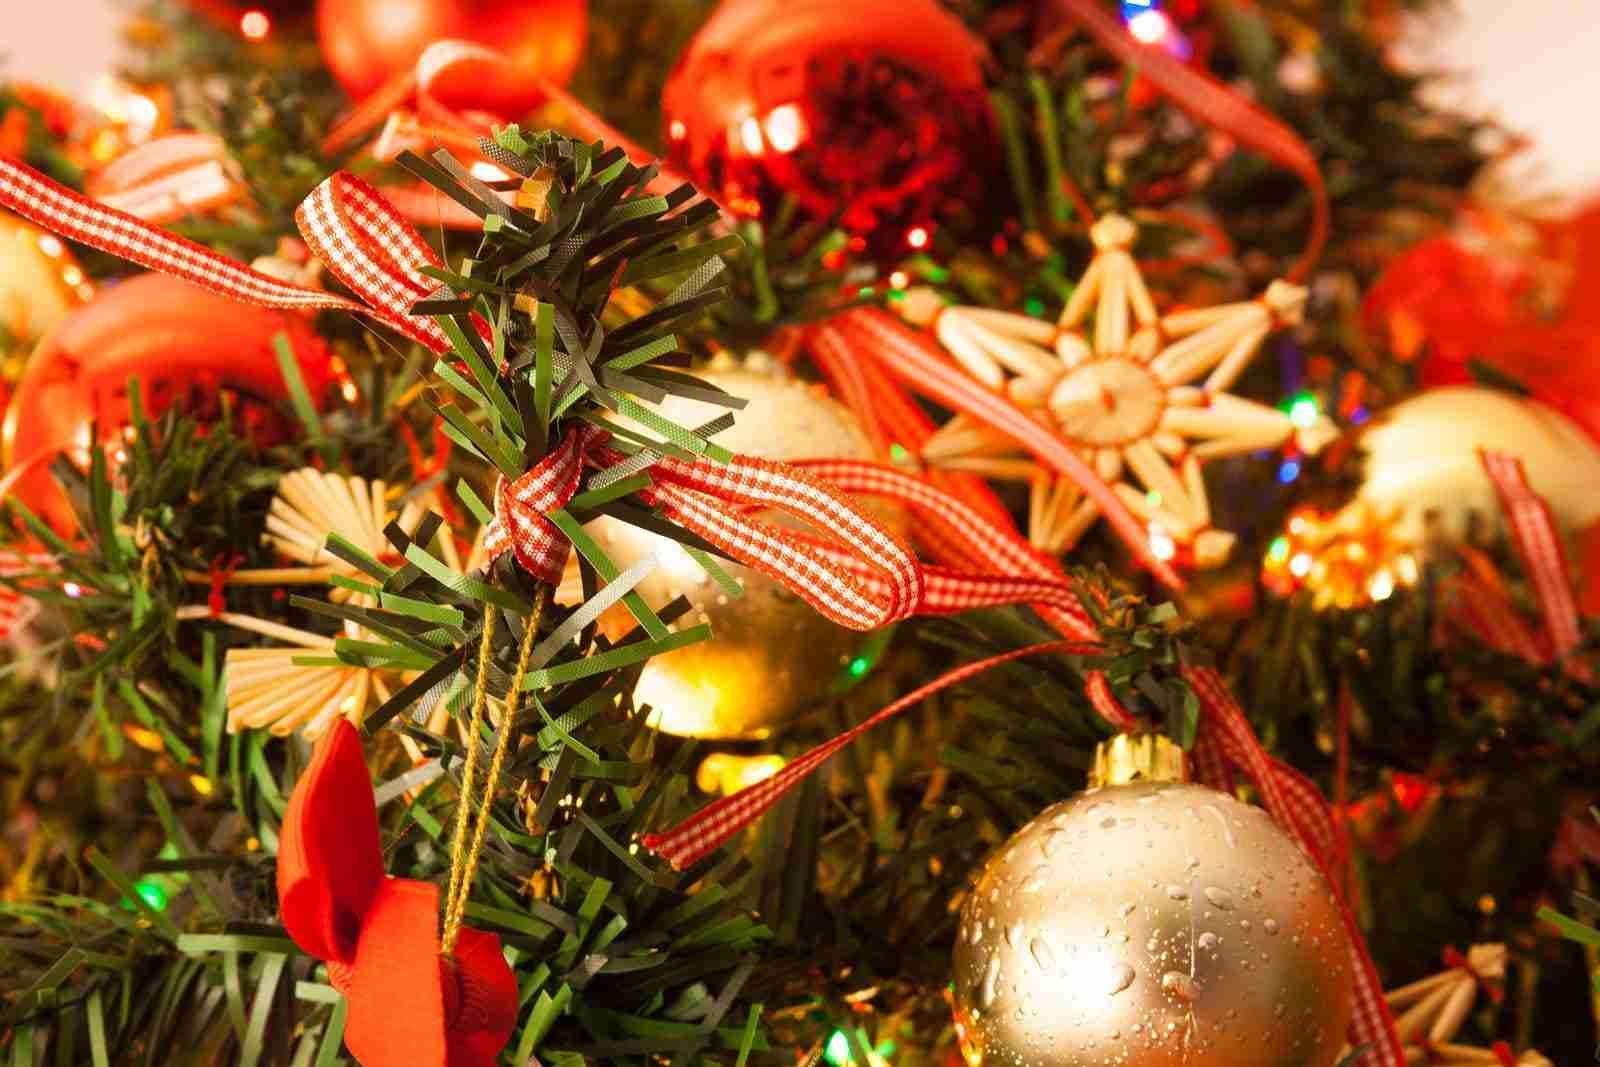 Nashua Christmas Tree